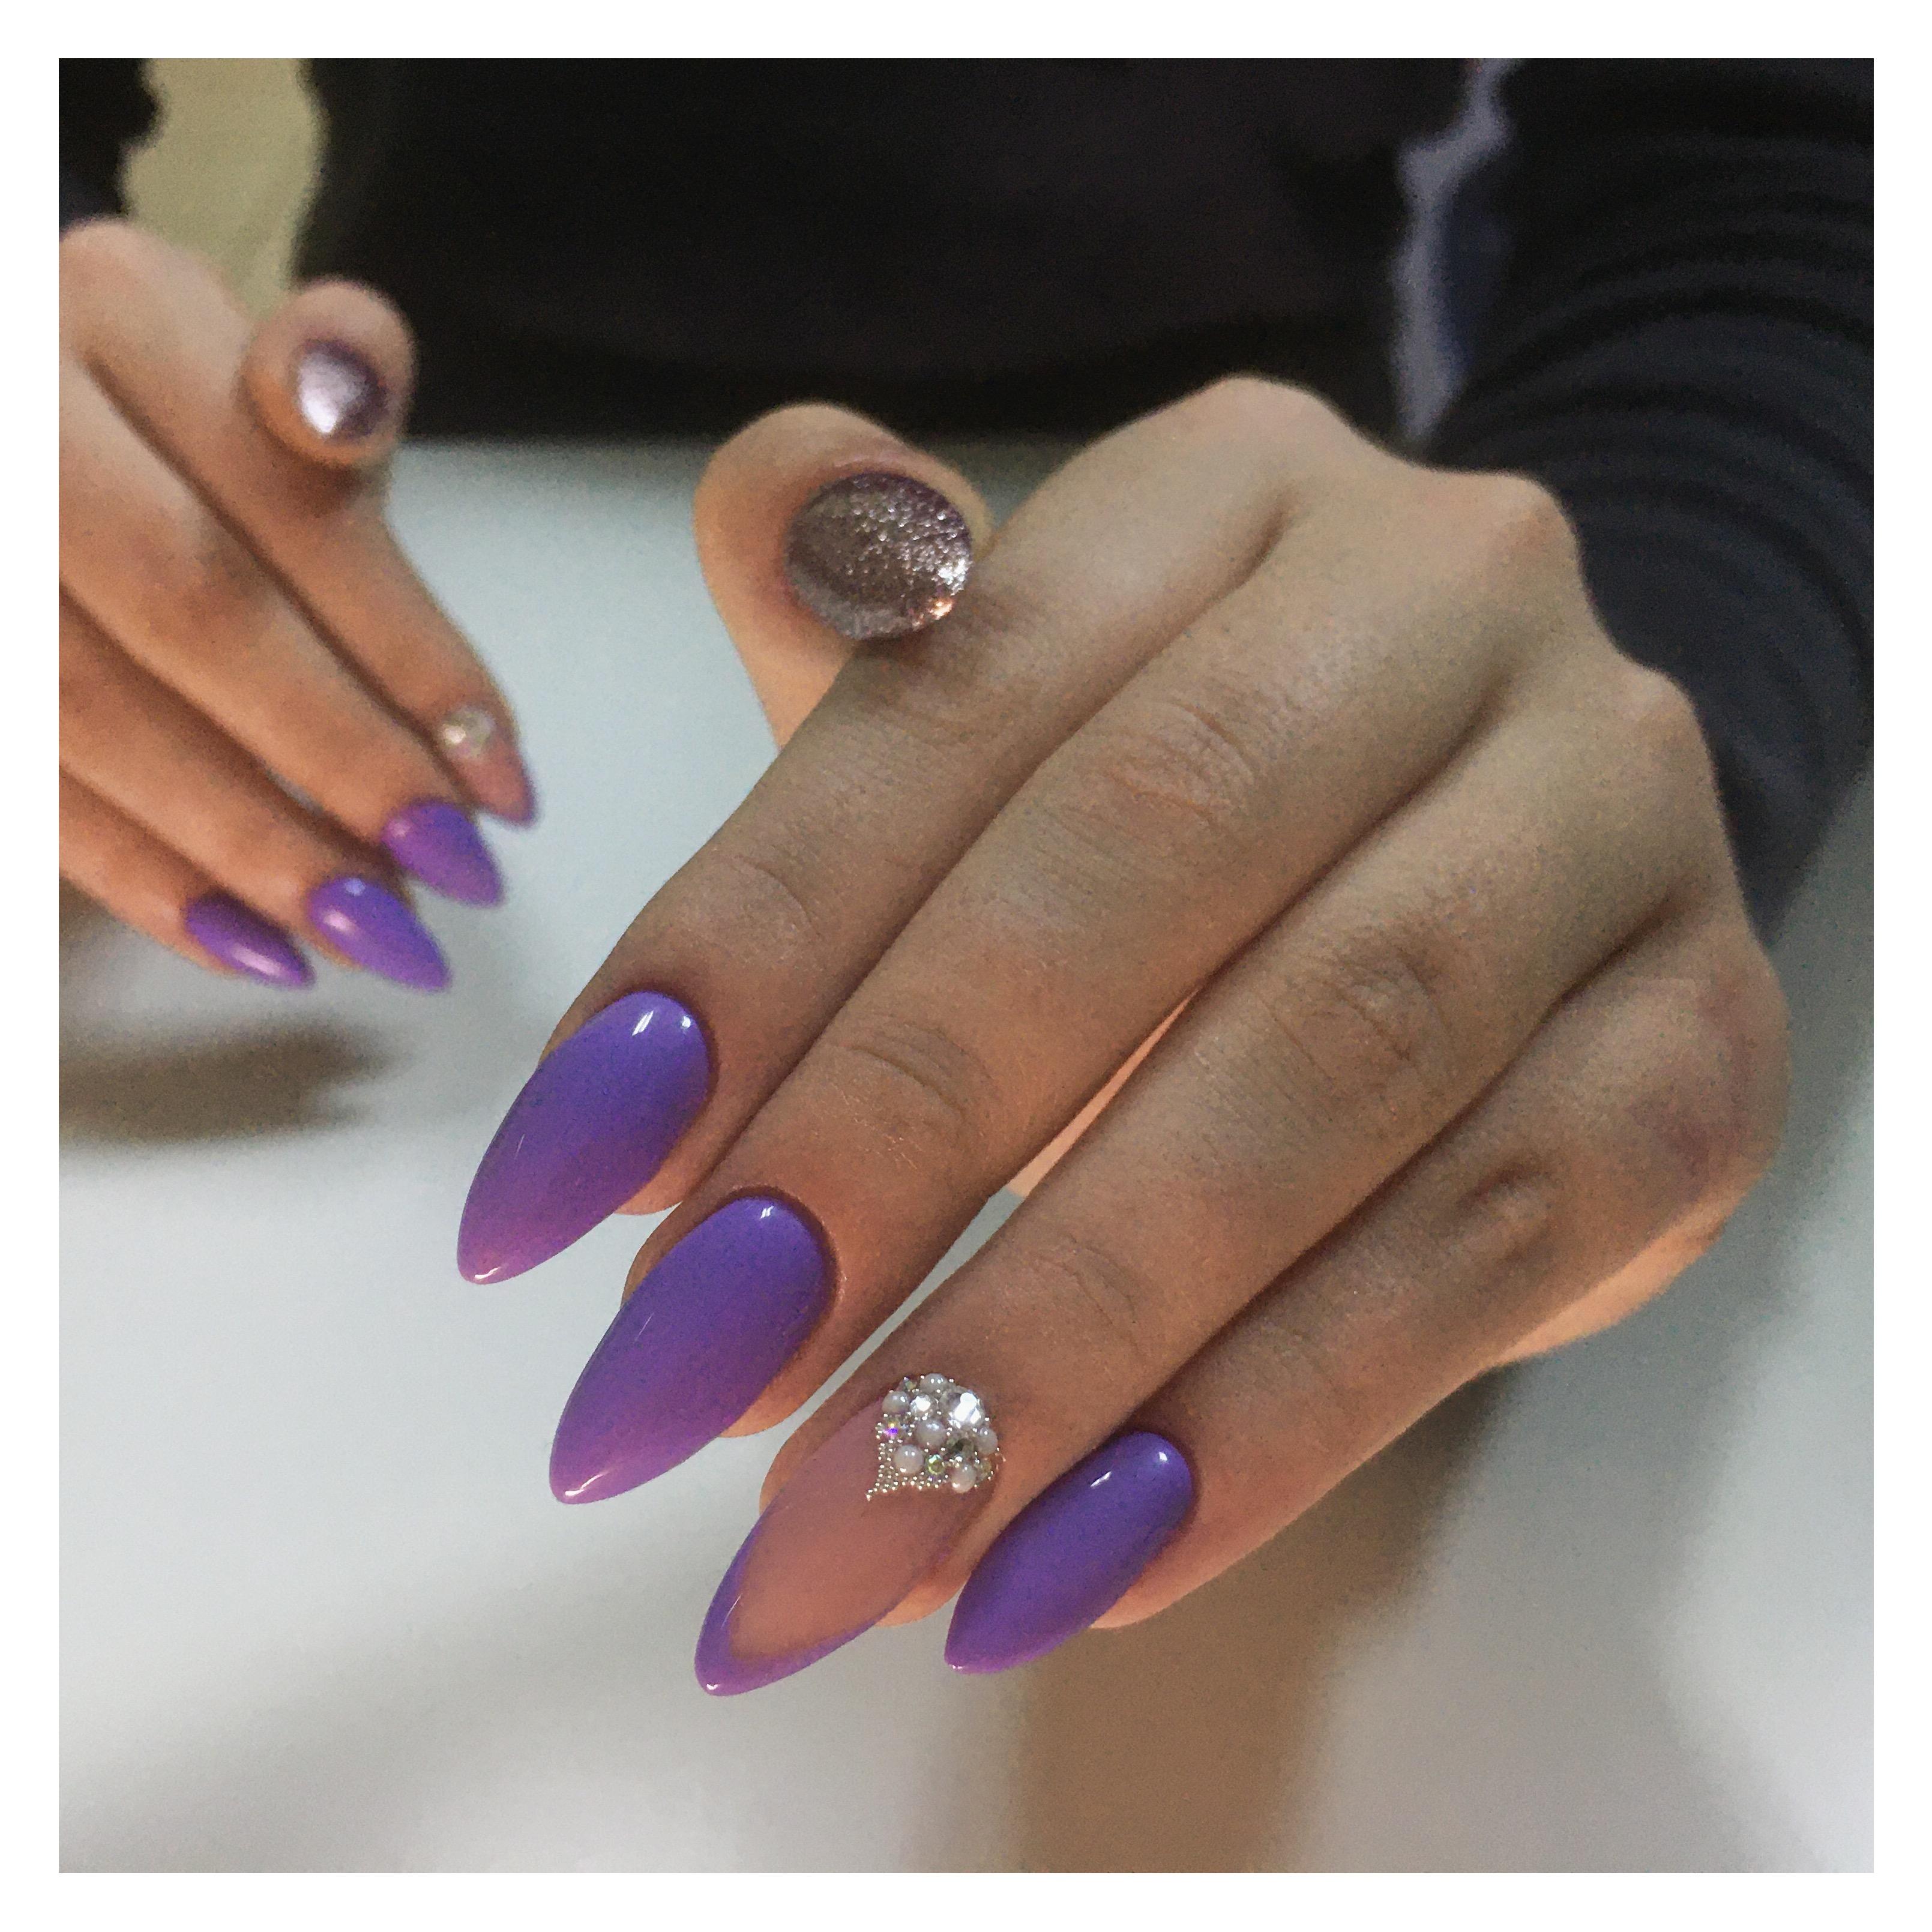 Маникюр с золотыми блестками и стразами в фиолетовом цвете.